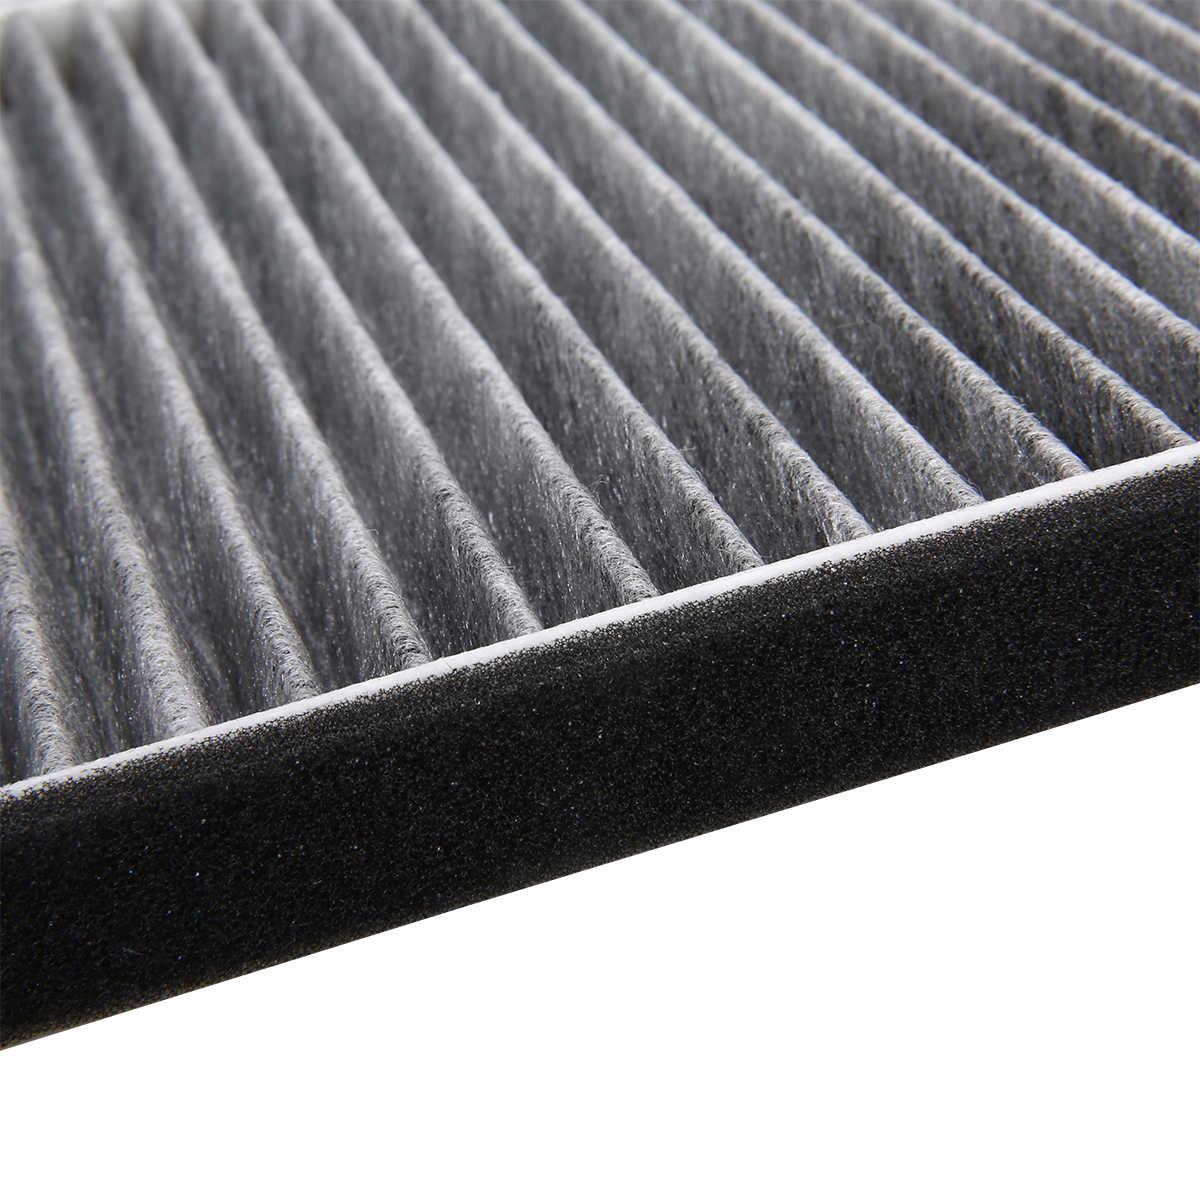 Mayitr 1 шт. воздушный фильтр кабины для Lexus Toyota RX ES Camry автомобильные аксессуары OEM 87139-33010